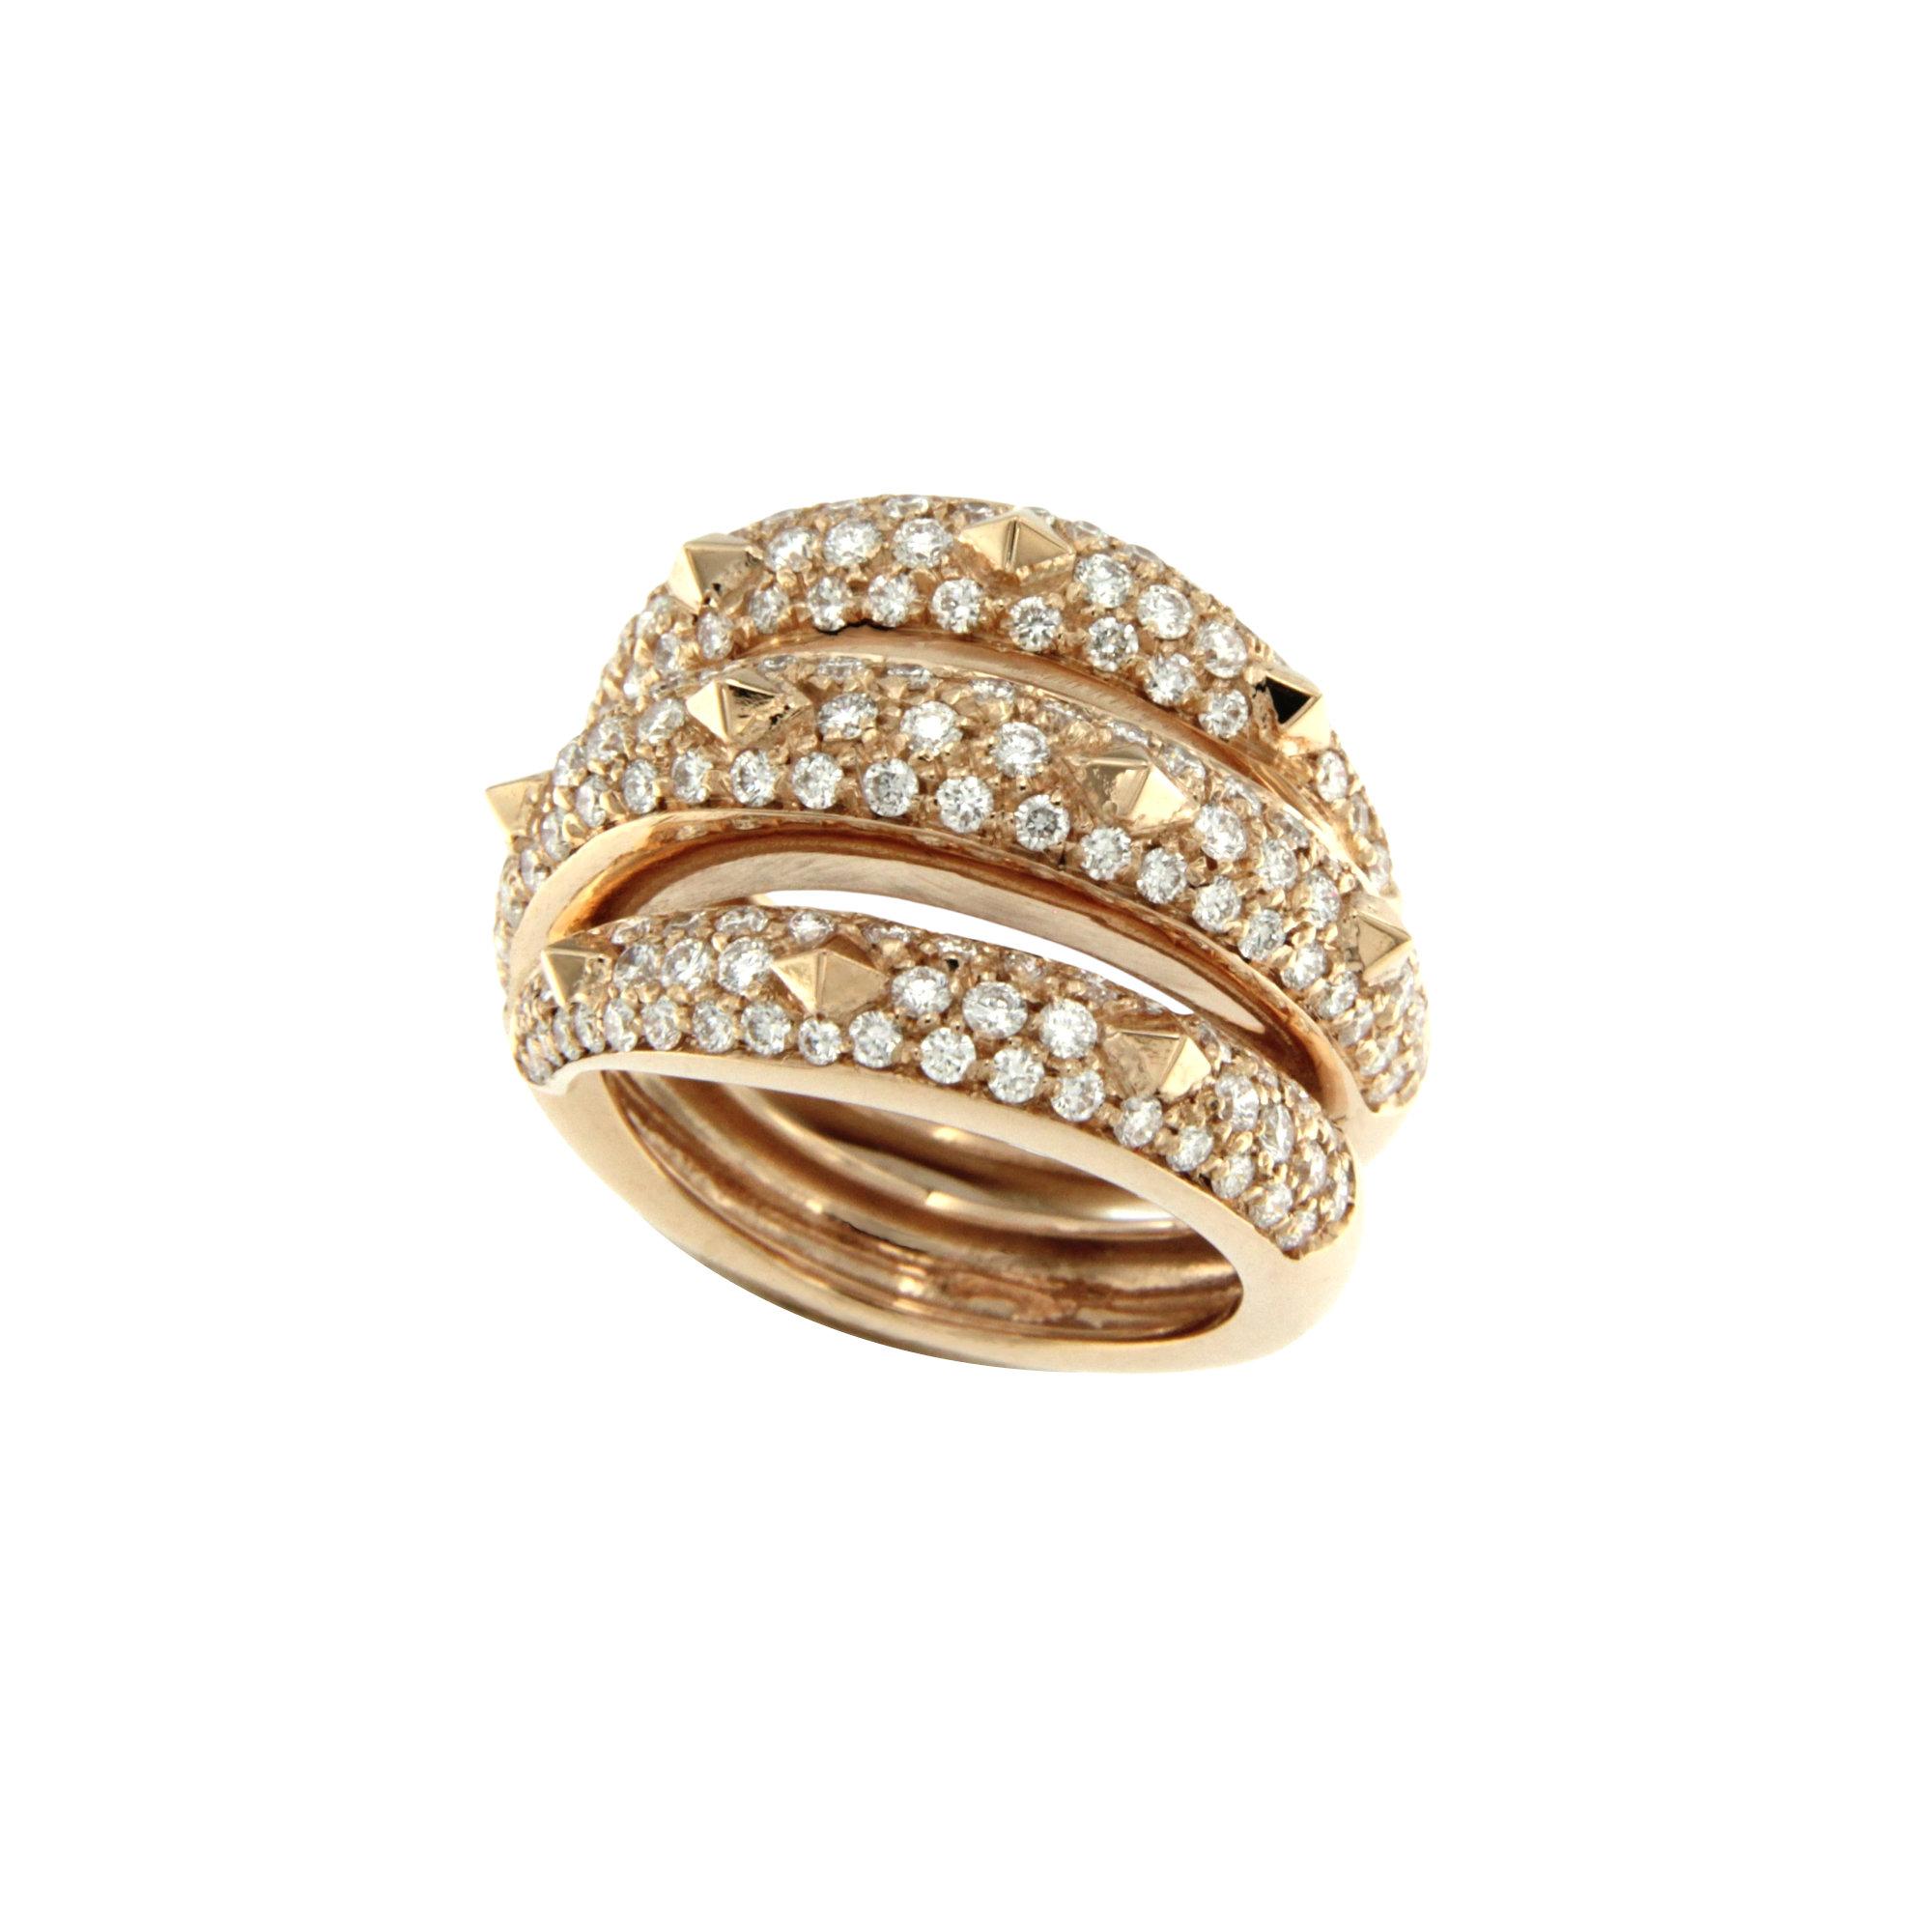 Anello Cattiva rose Gold ring diamond sconto discount s